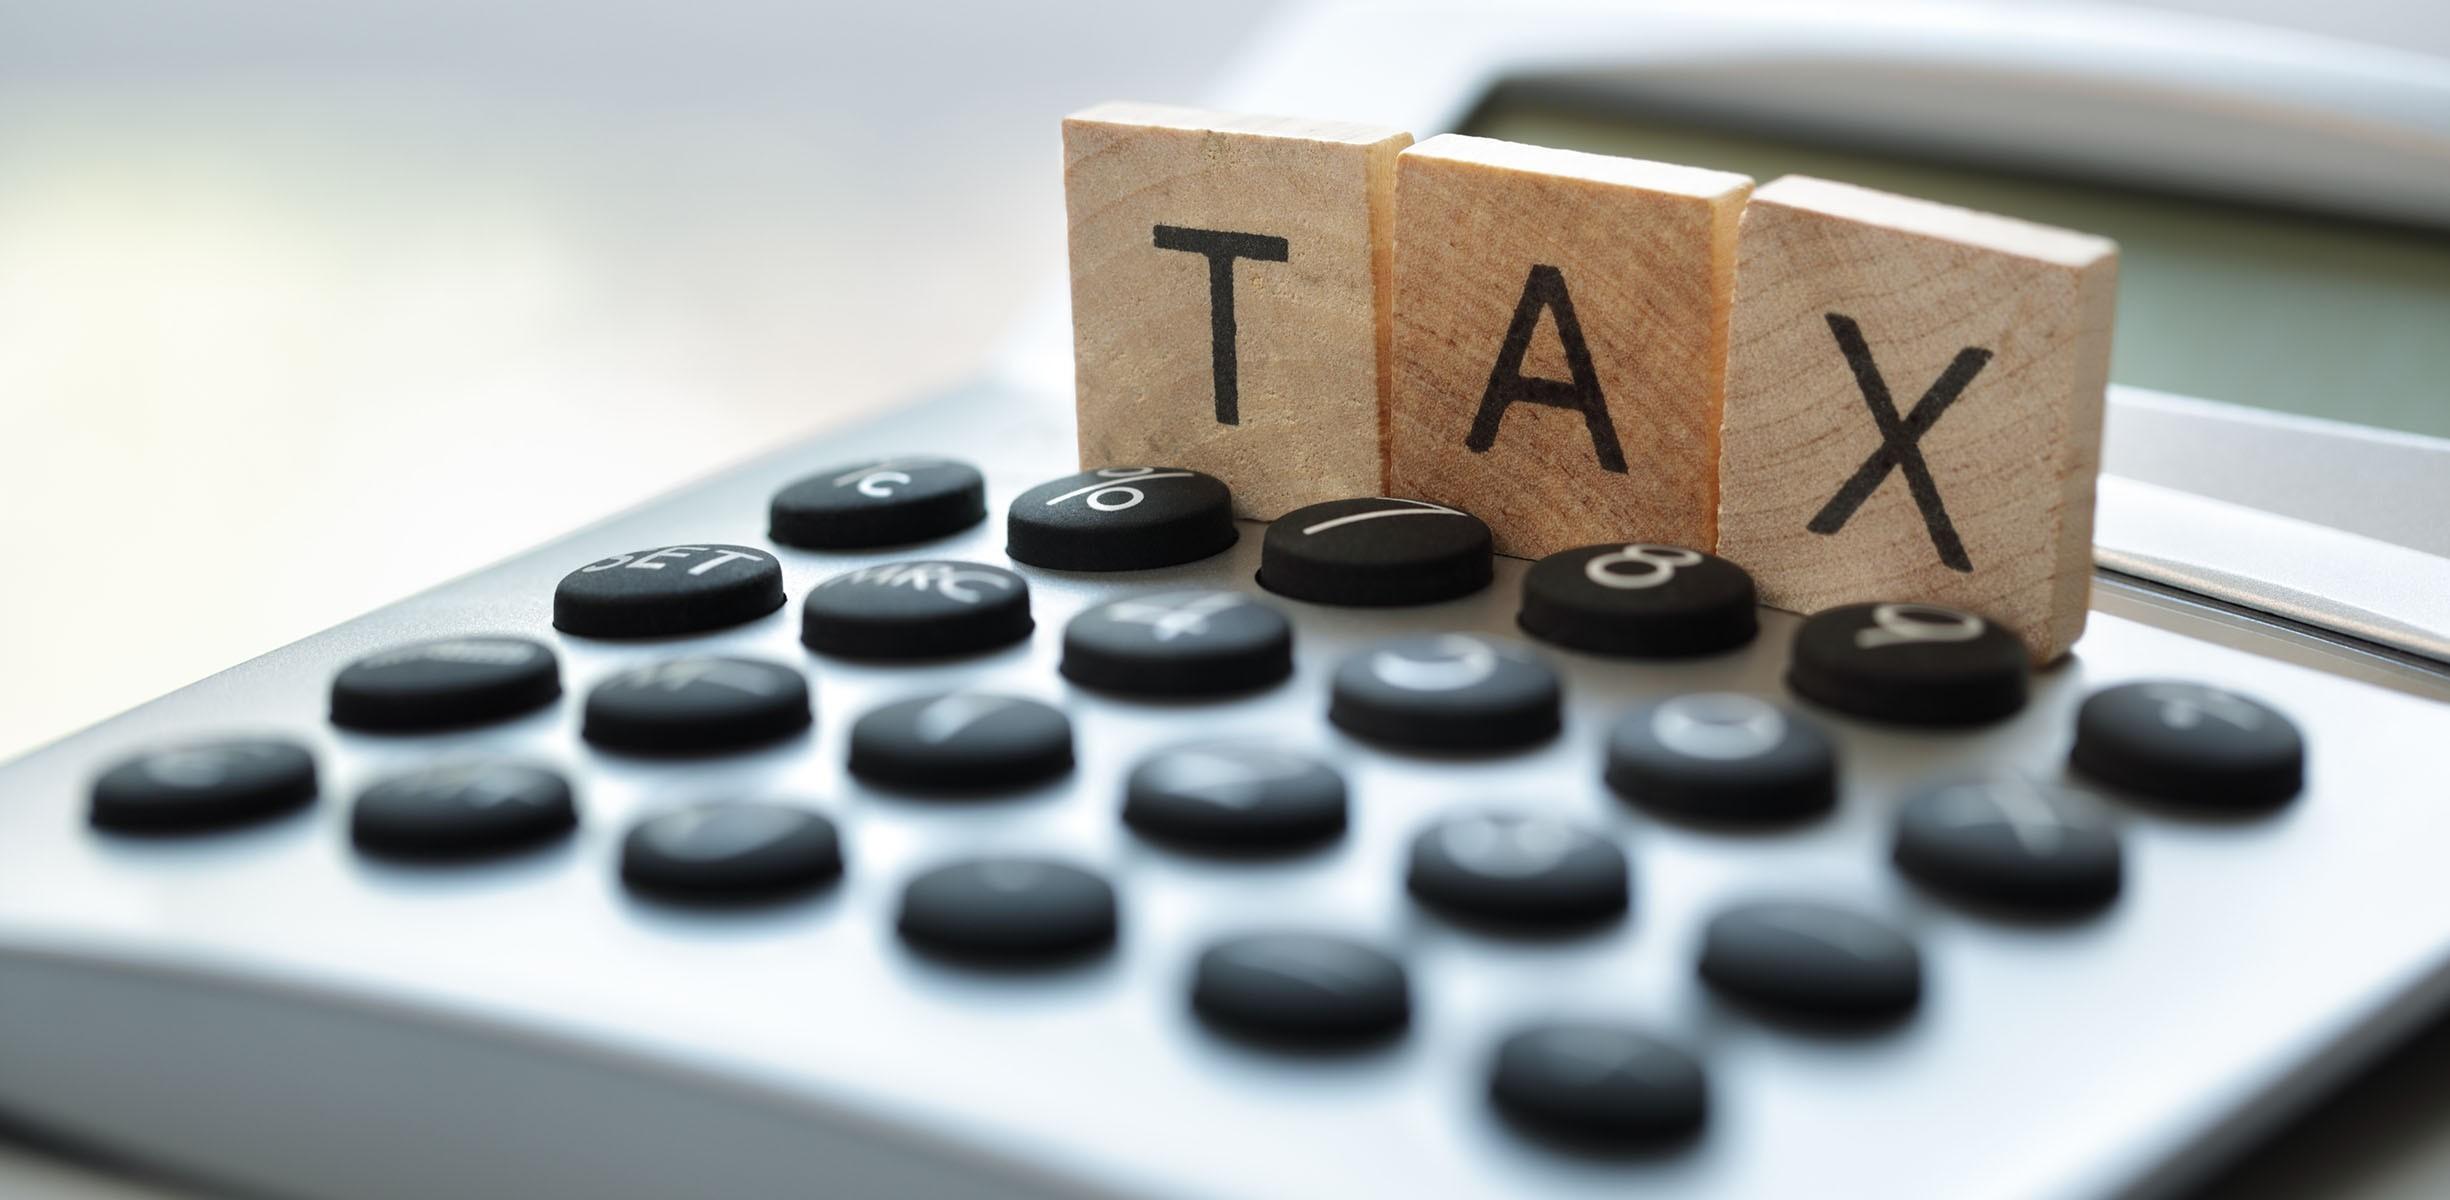 Municipalitatea majorează mai multe taxe locale în 2021. Va fi introdusă și taxa pentru stațiile de încărcare a automobilelor electrice